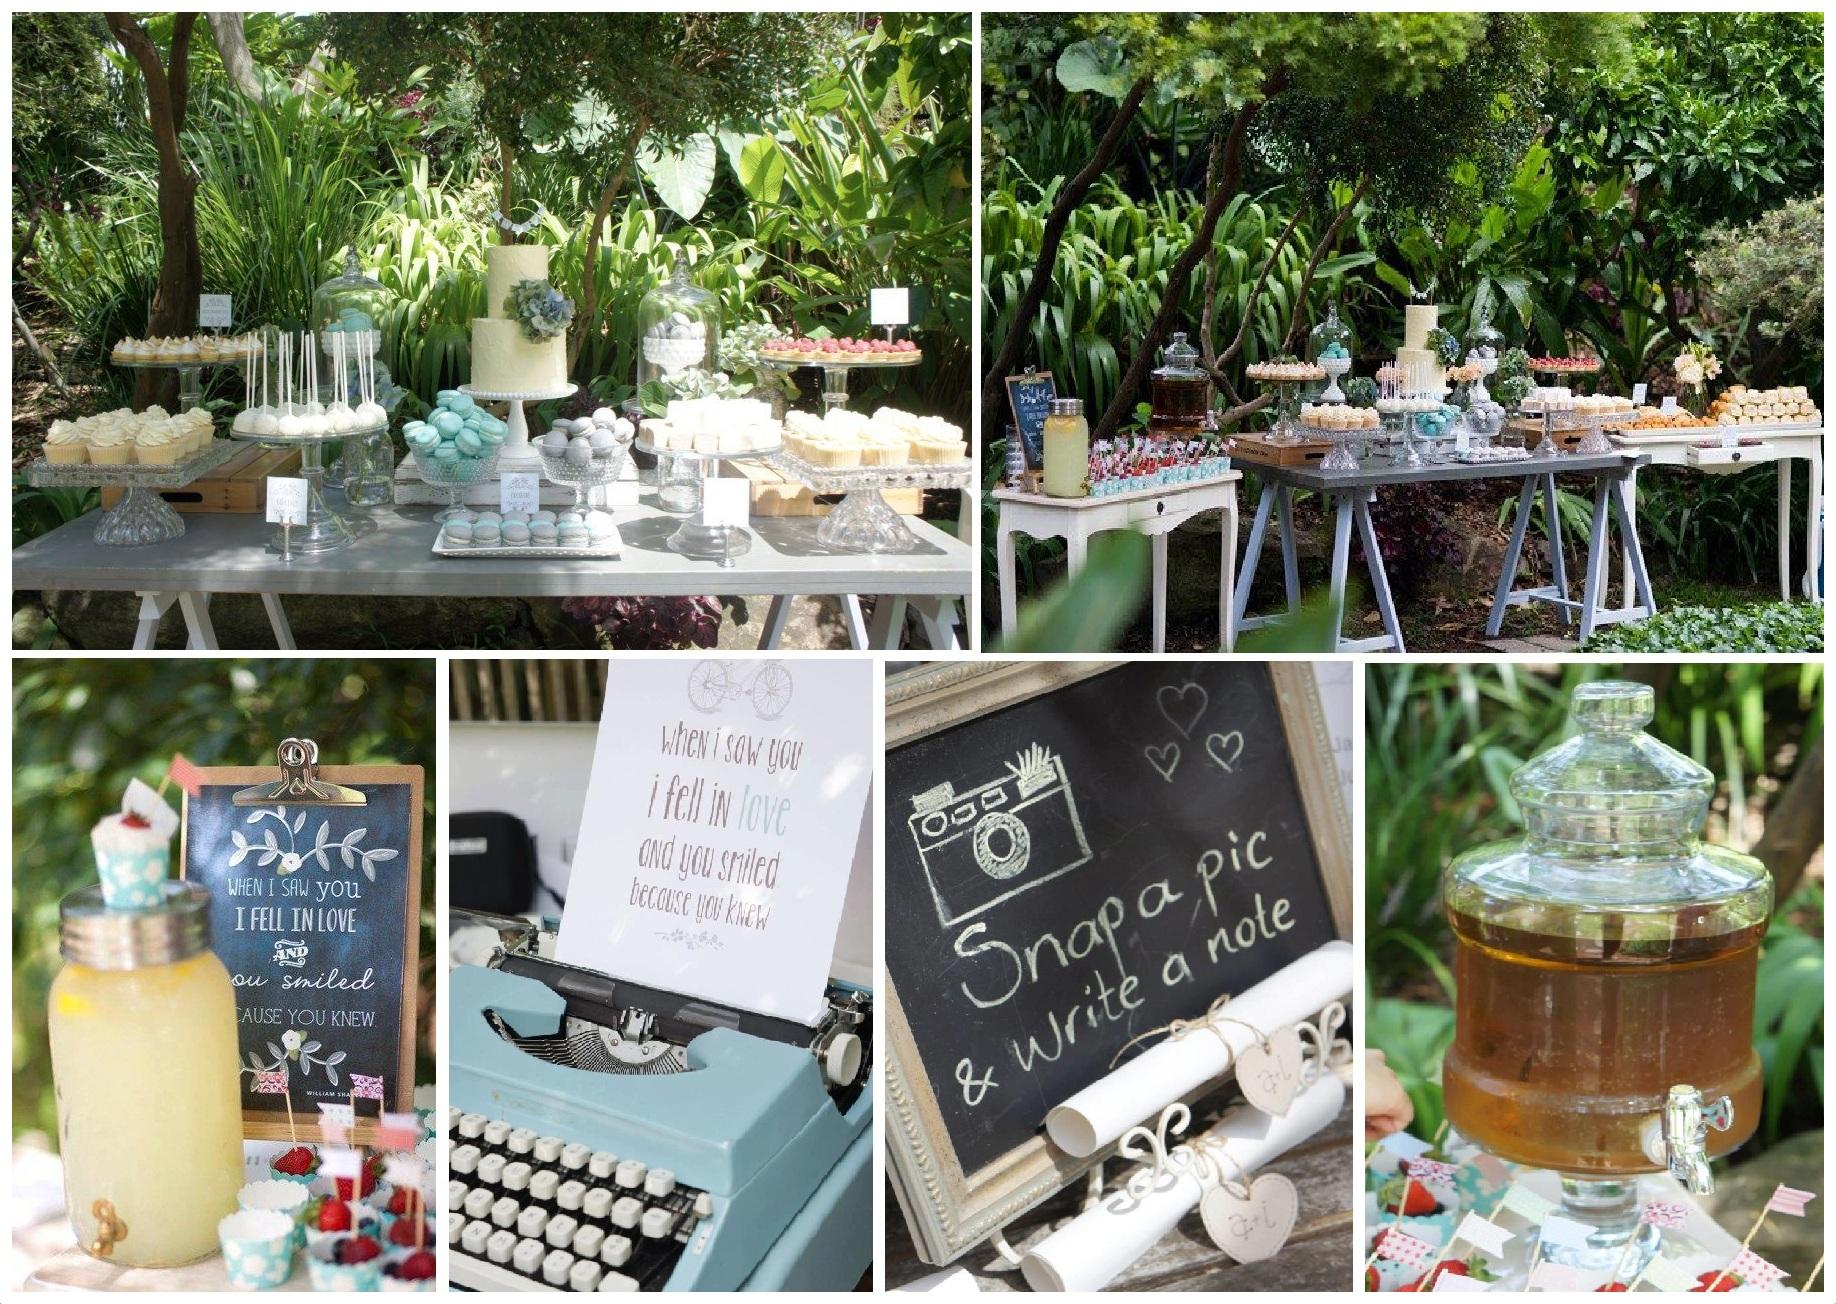 Extremamente Da Europa para cá: Mini Wedding é tendência – haroldo enéas KK22